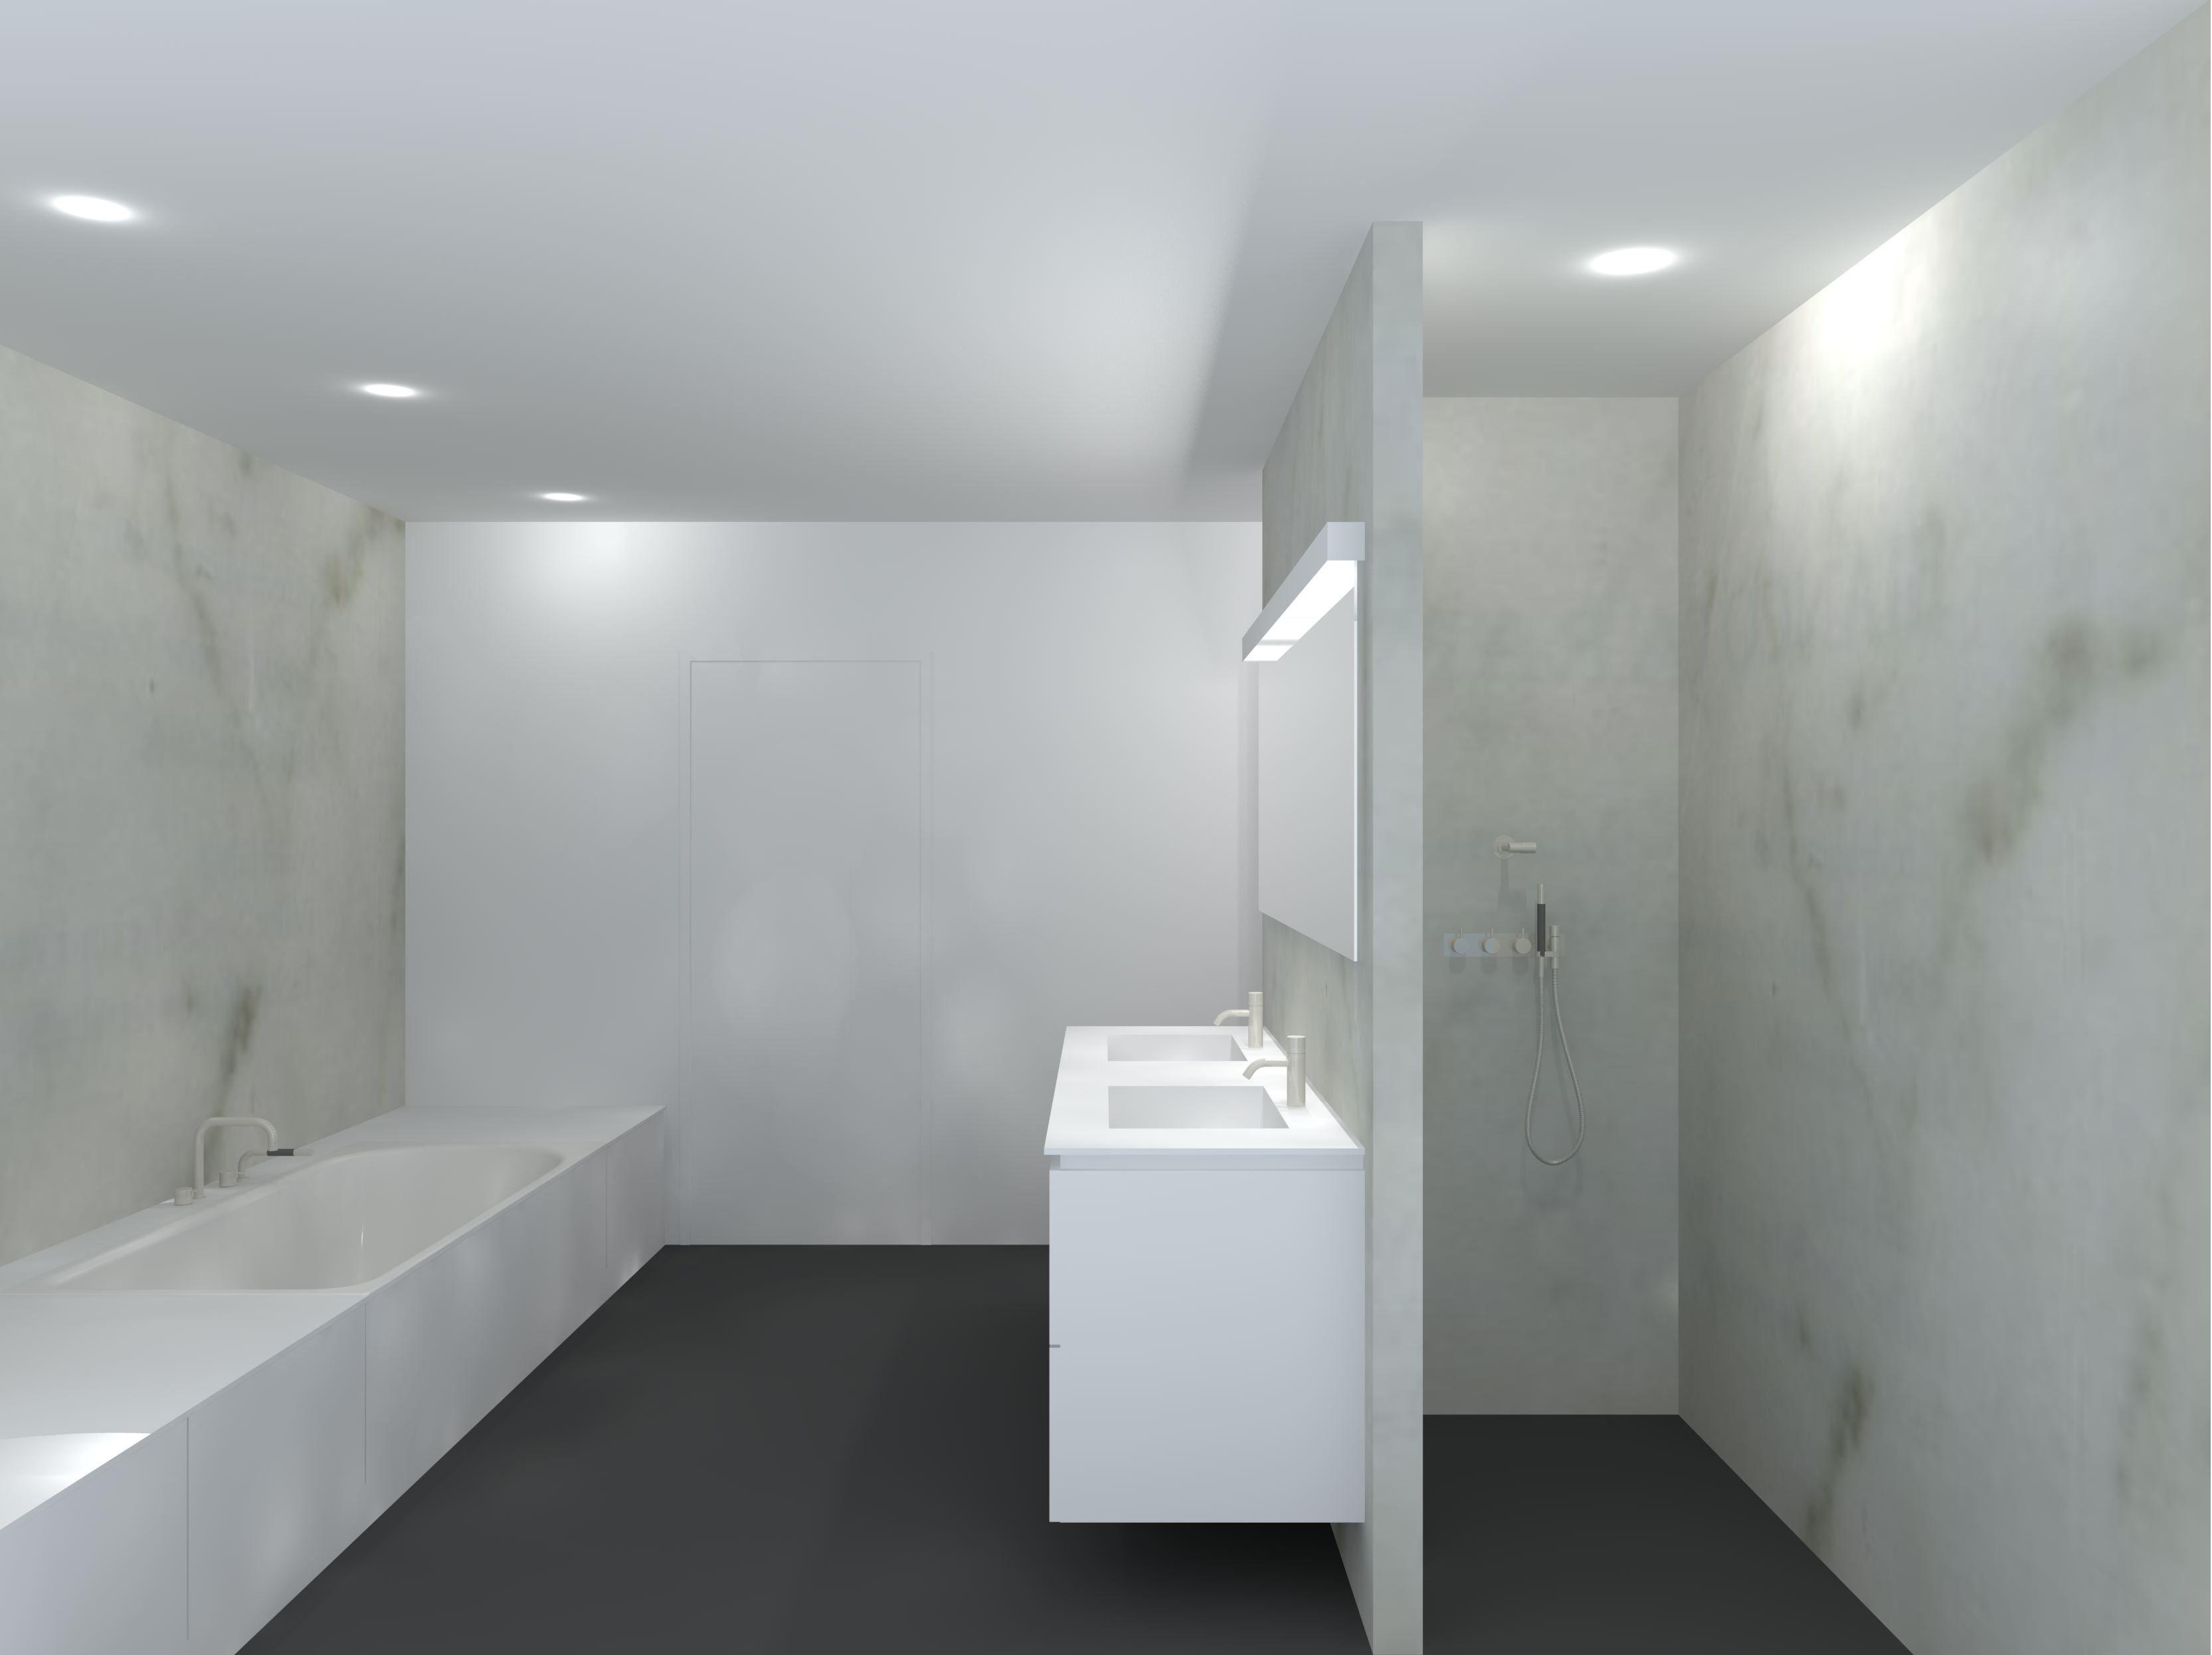 Badkamer ontwerp jorinde oversteyns d e s i g n e d b y m e